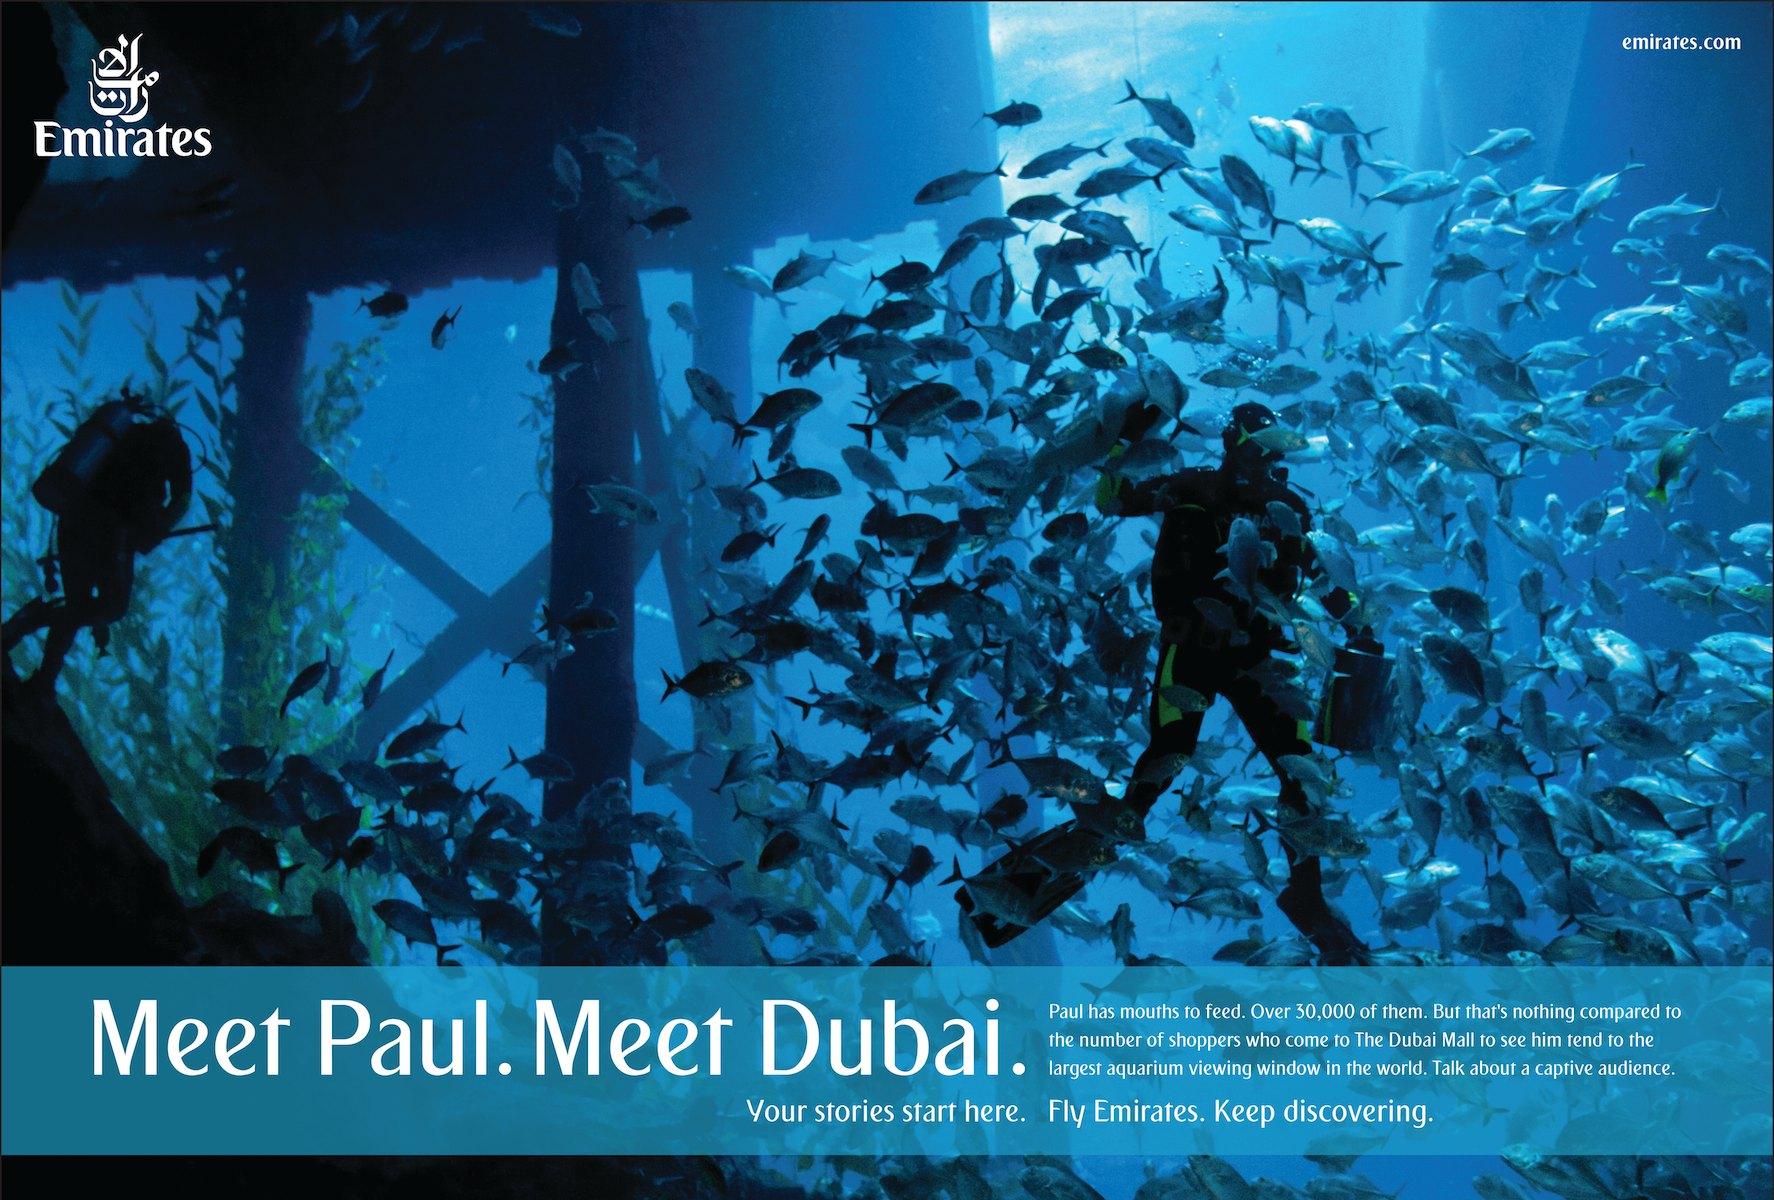 EK Meet Dxb Paul 420x297.jpg